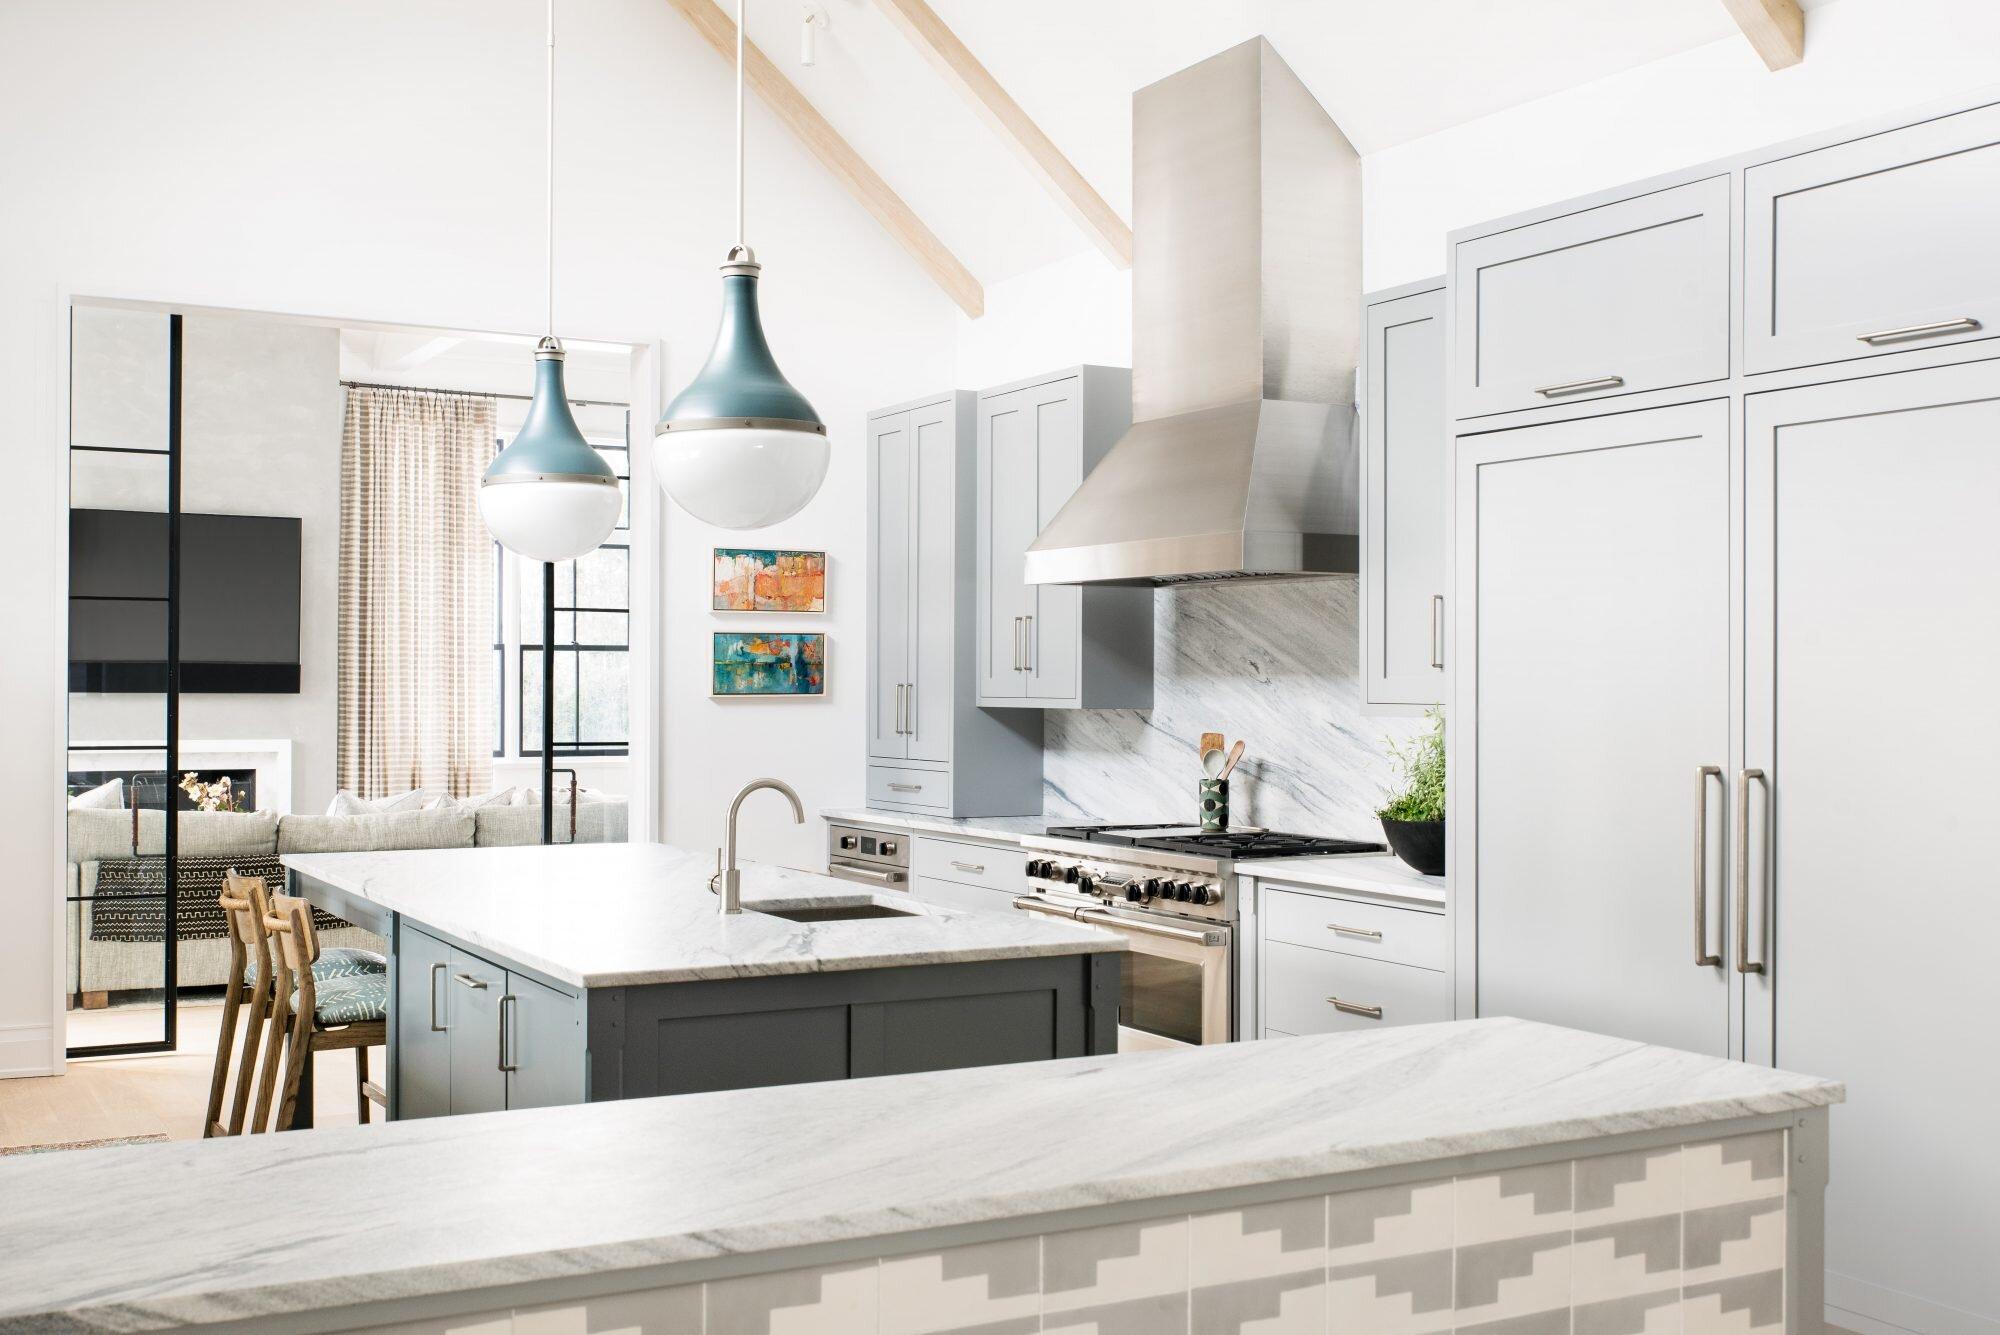 kitchen-wide-2-min-2000x1335.jpg